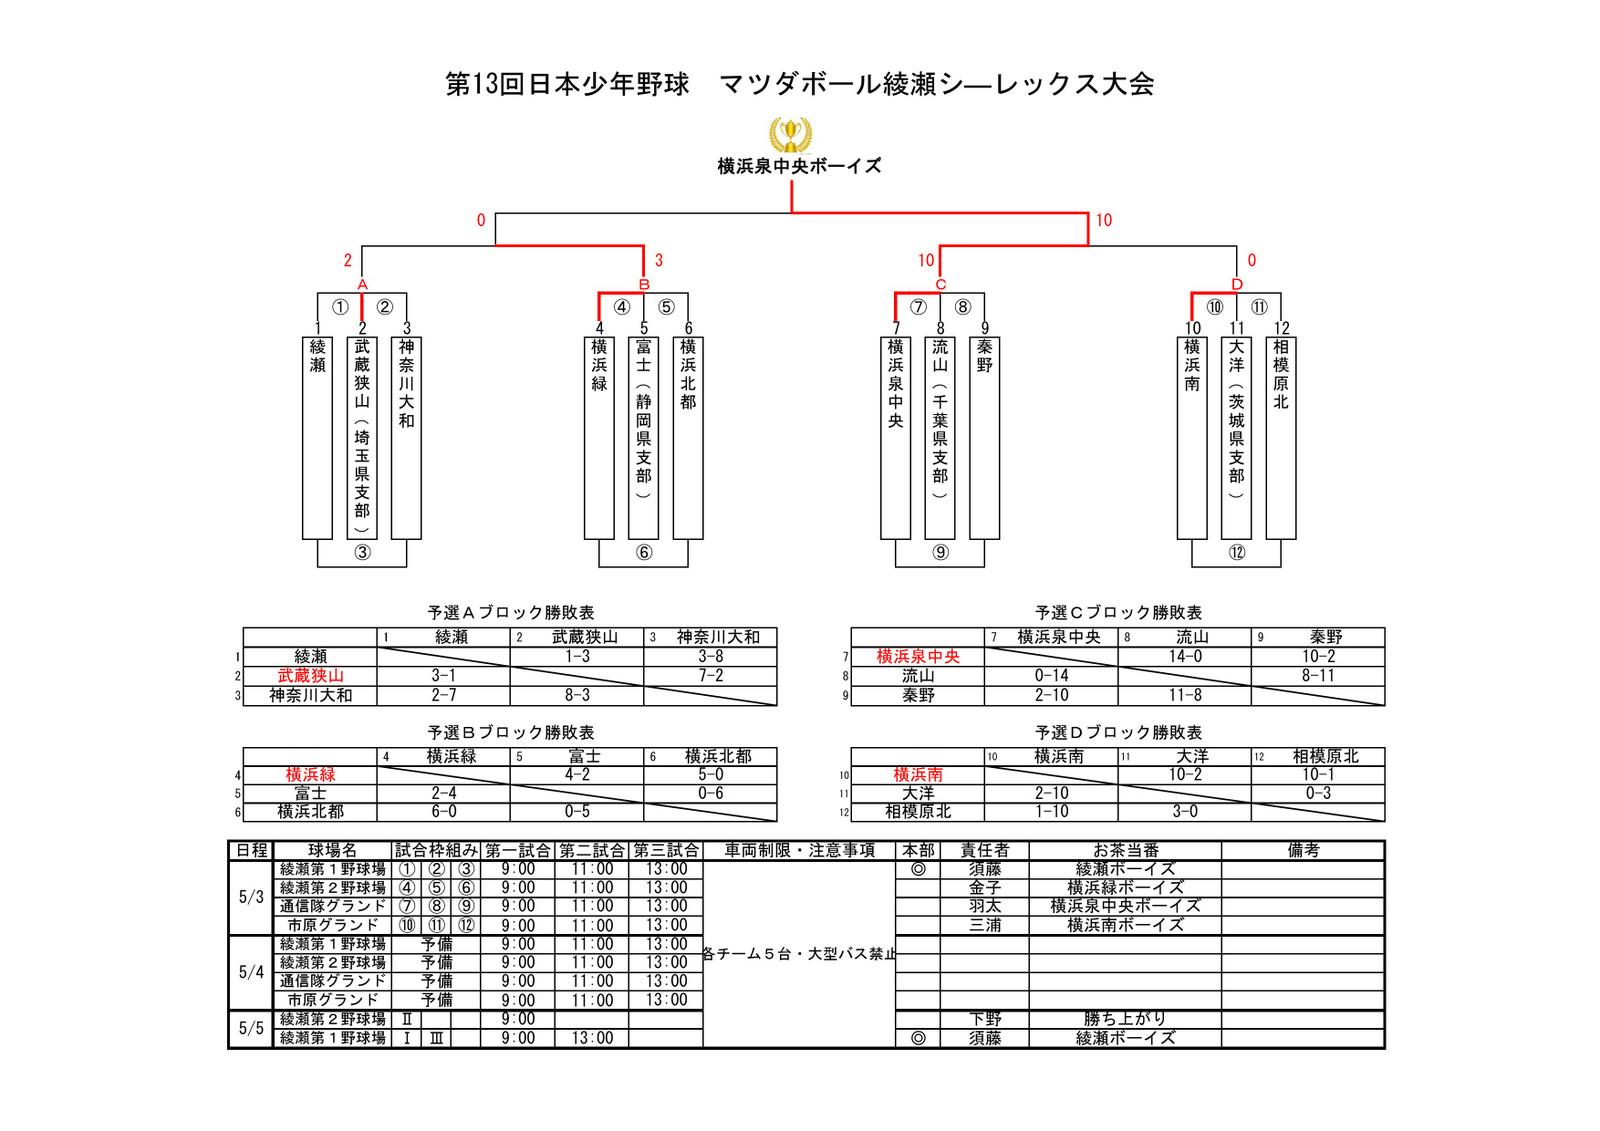 2017_sealex_result